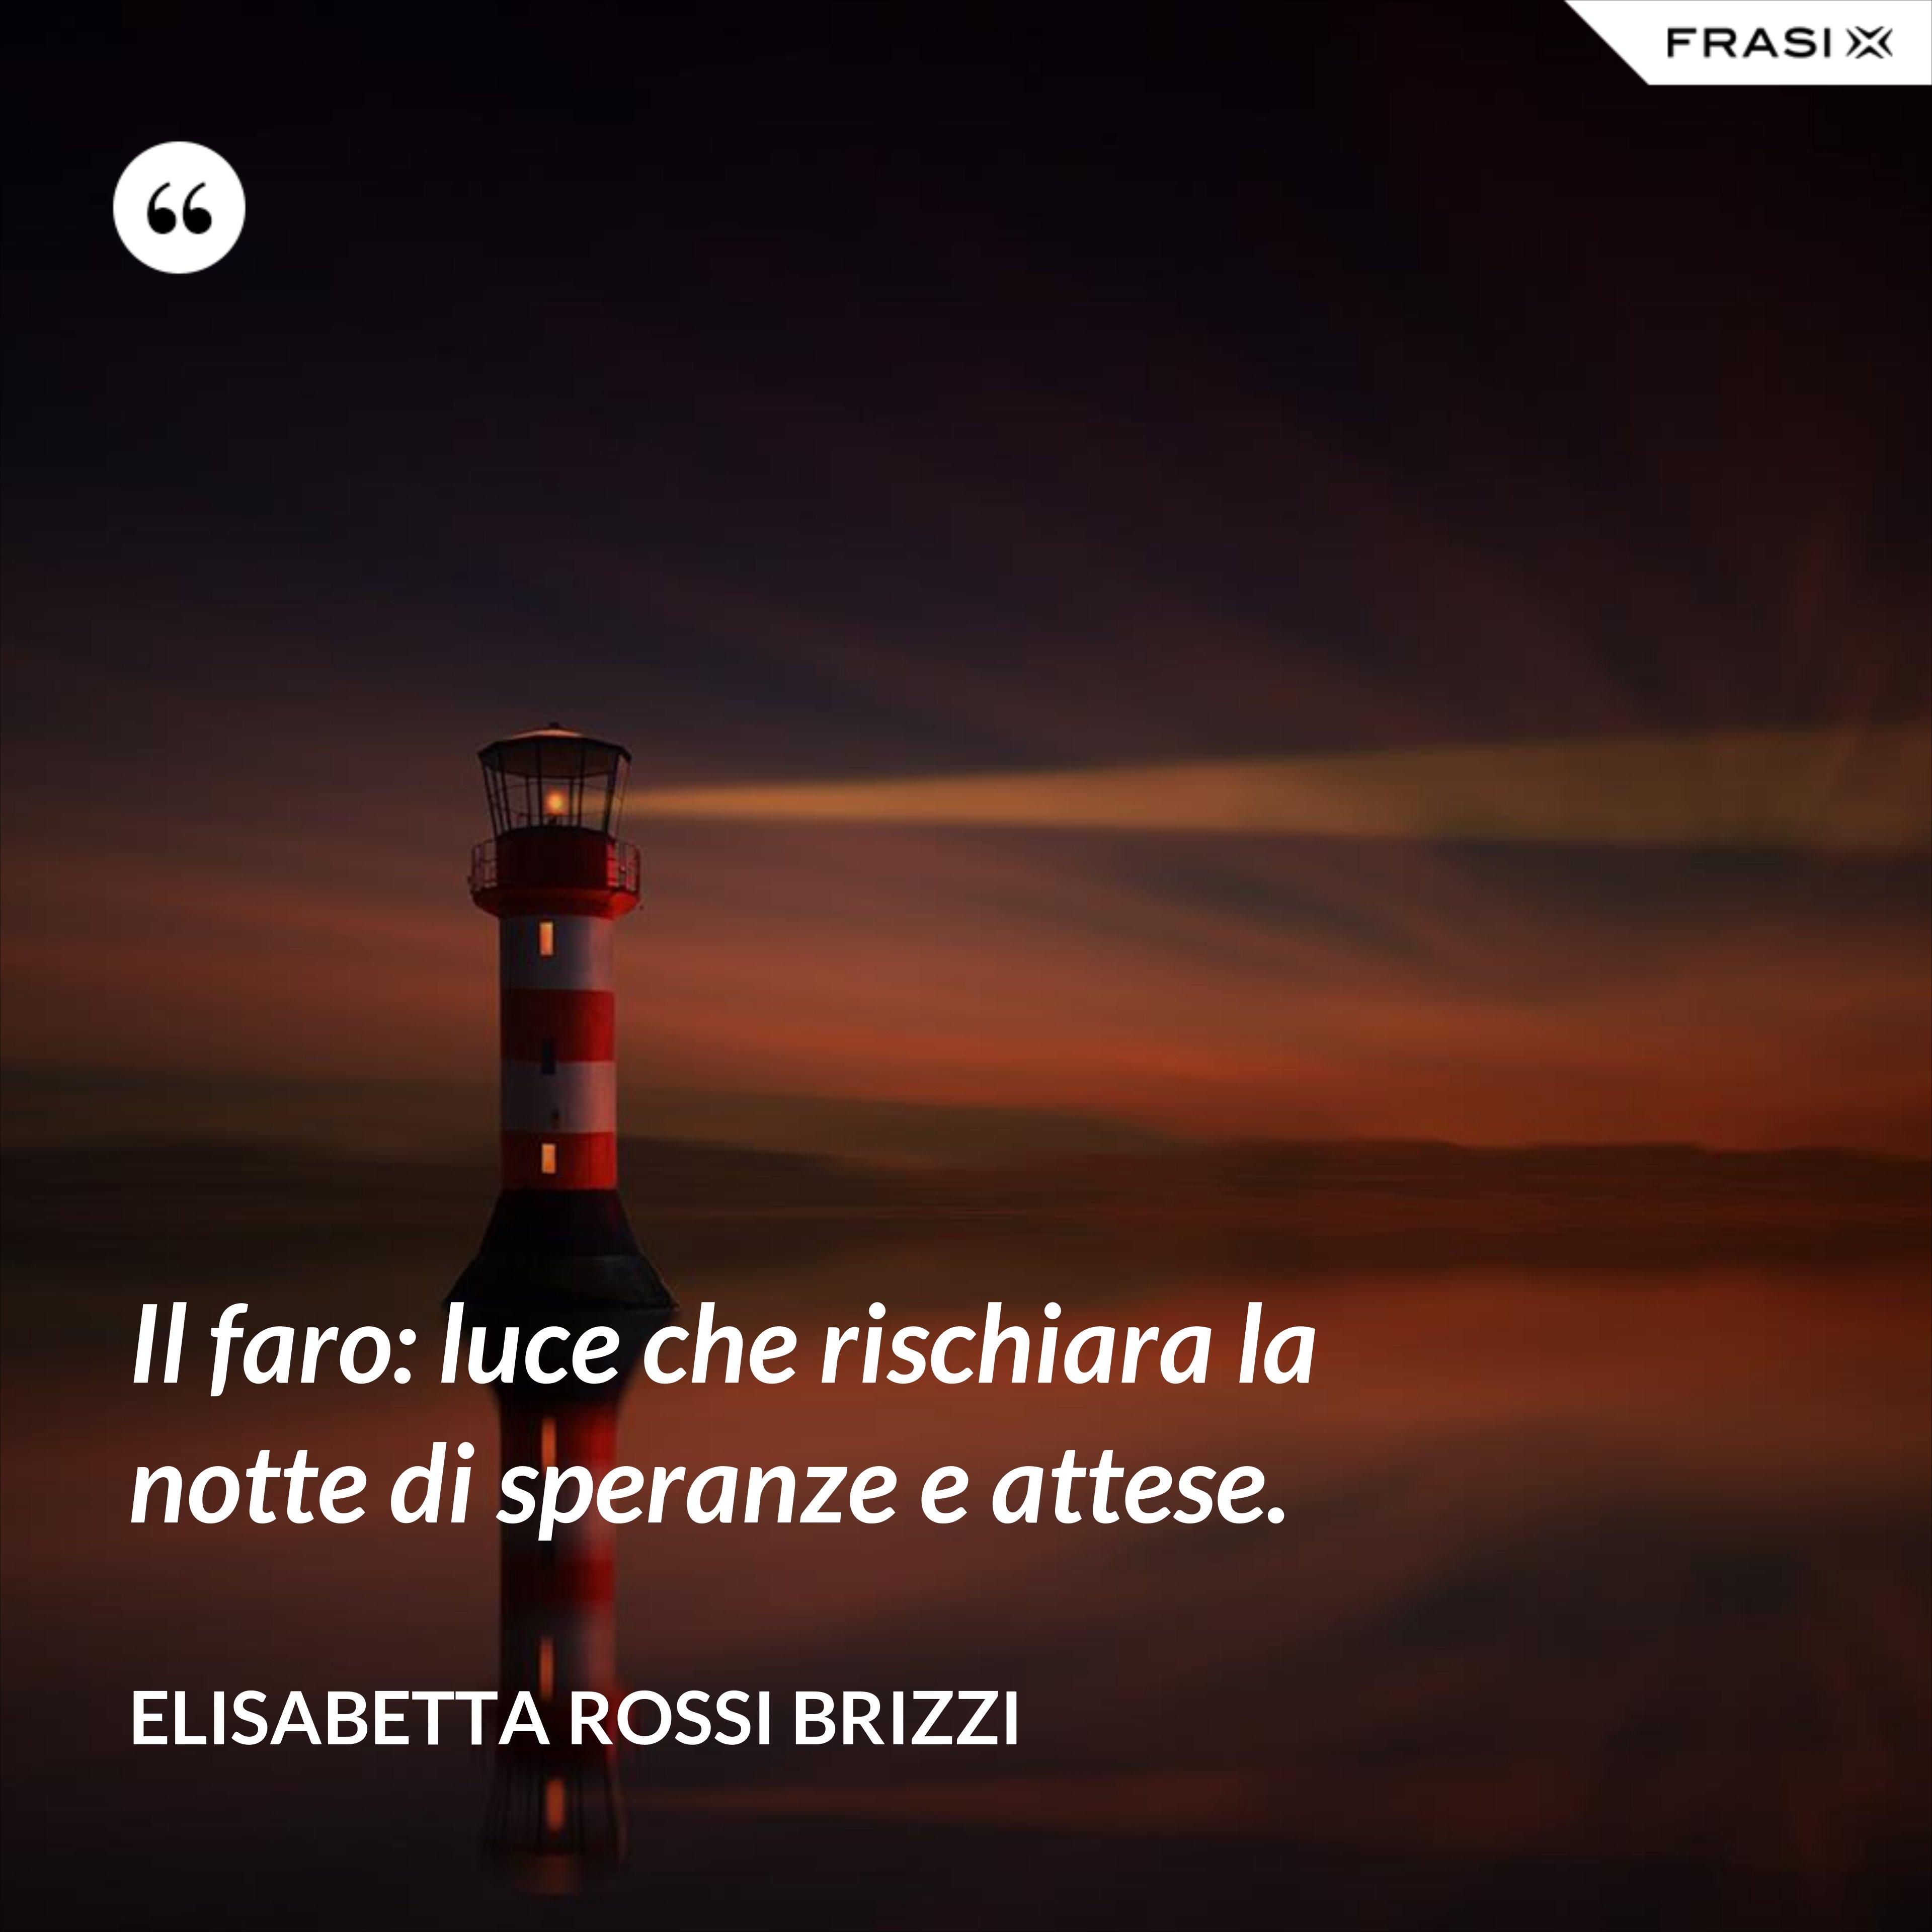 Il faro: luce che rischiara la notte di speranze e attese. - Elisabetta Rossi Brizzi